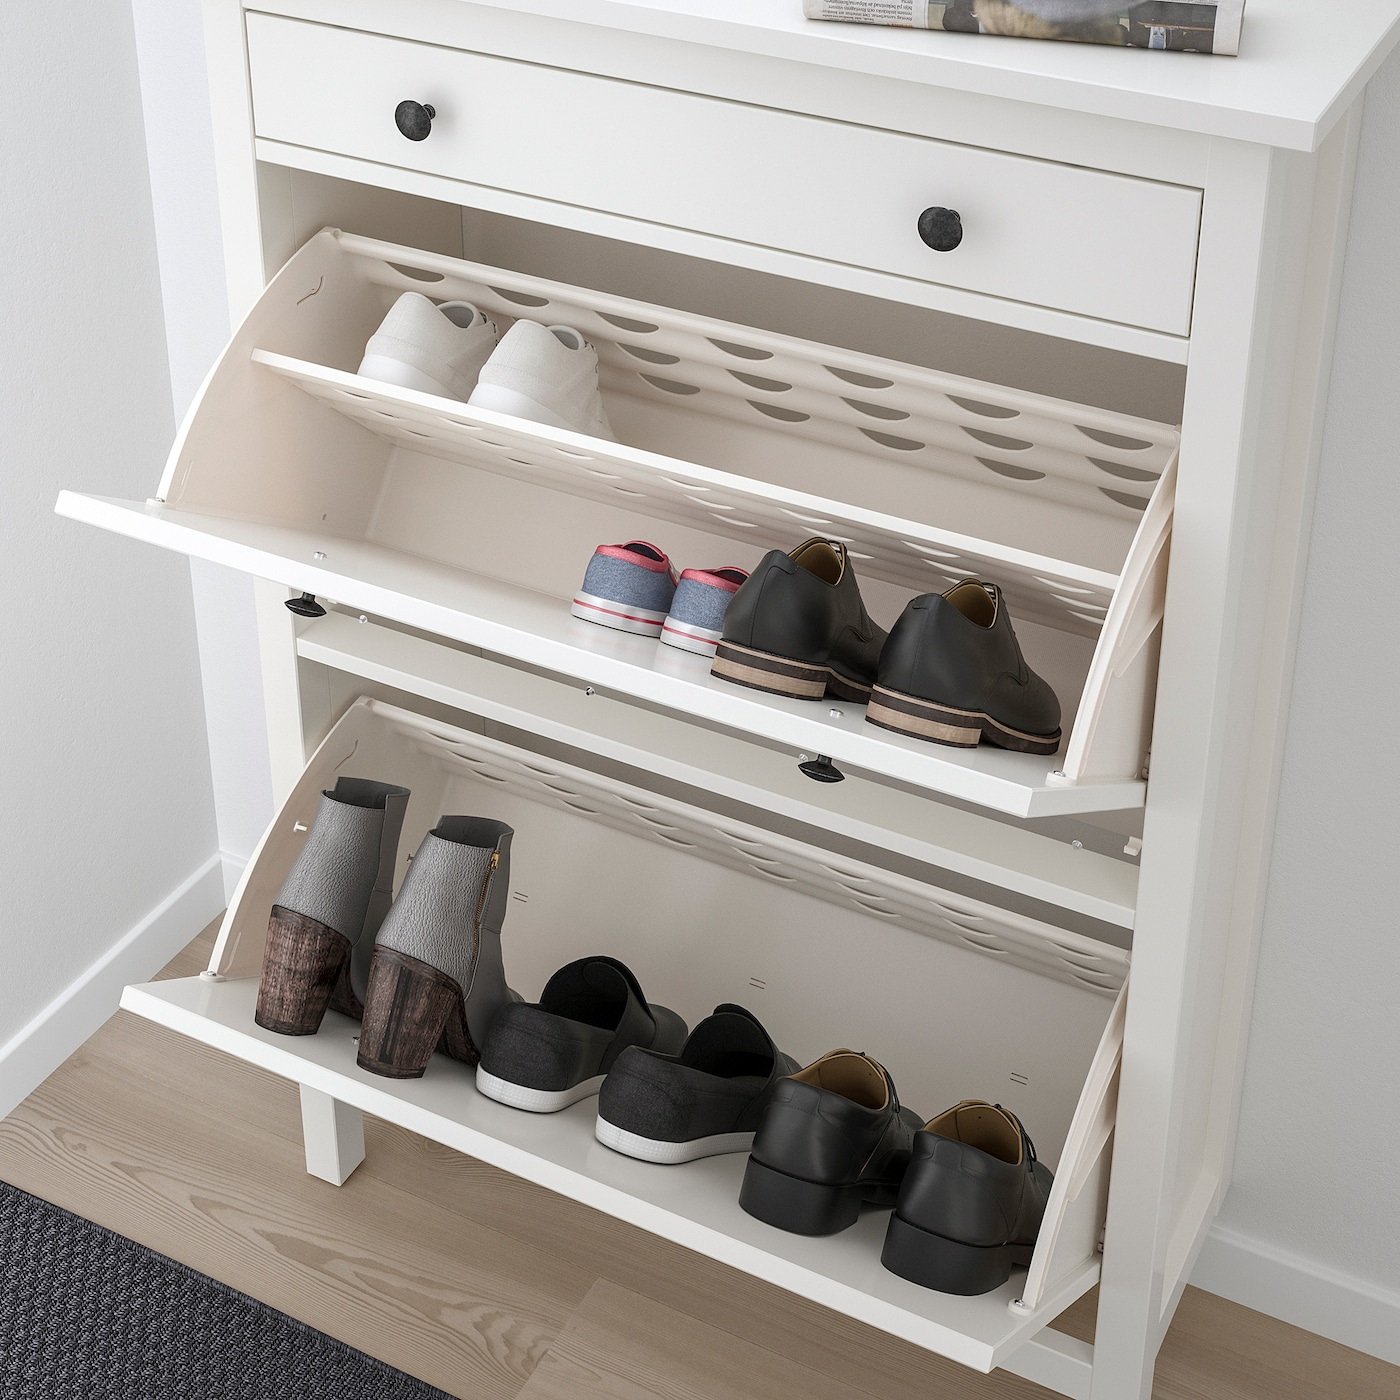 c9ffe27d91c0b HEMNES Armoire à chaussures 2 casiers Brun noir 89 x 127 cm - IKEA